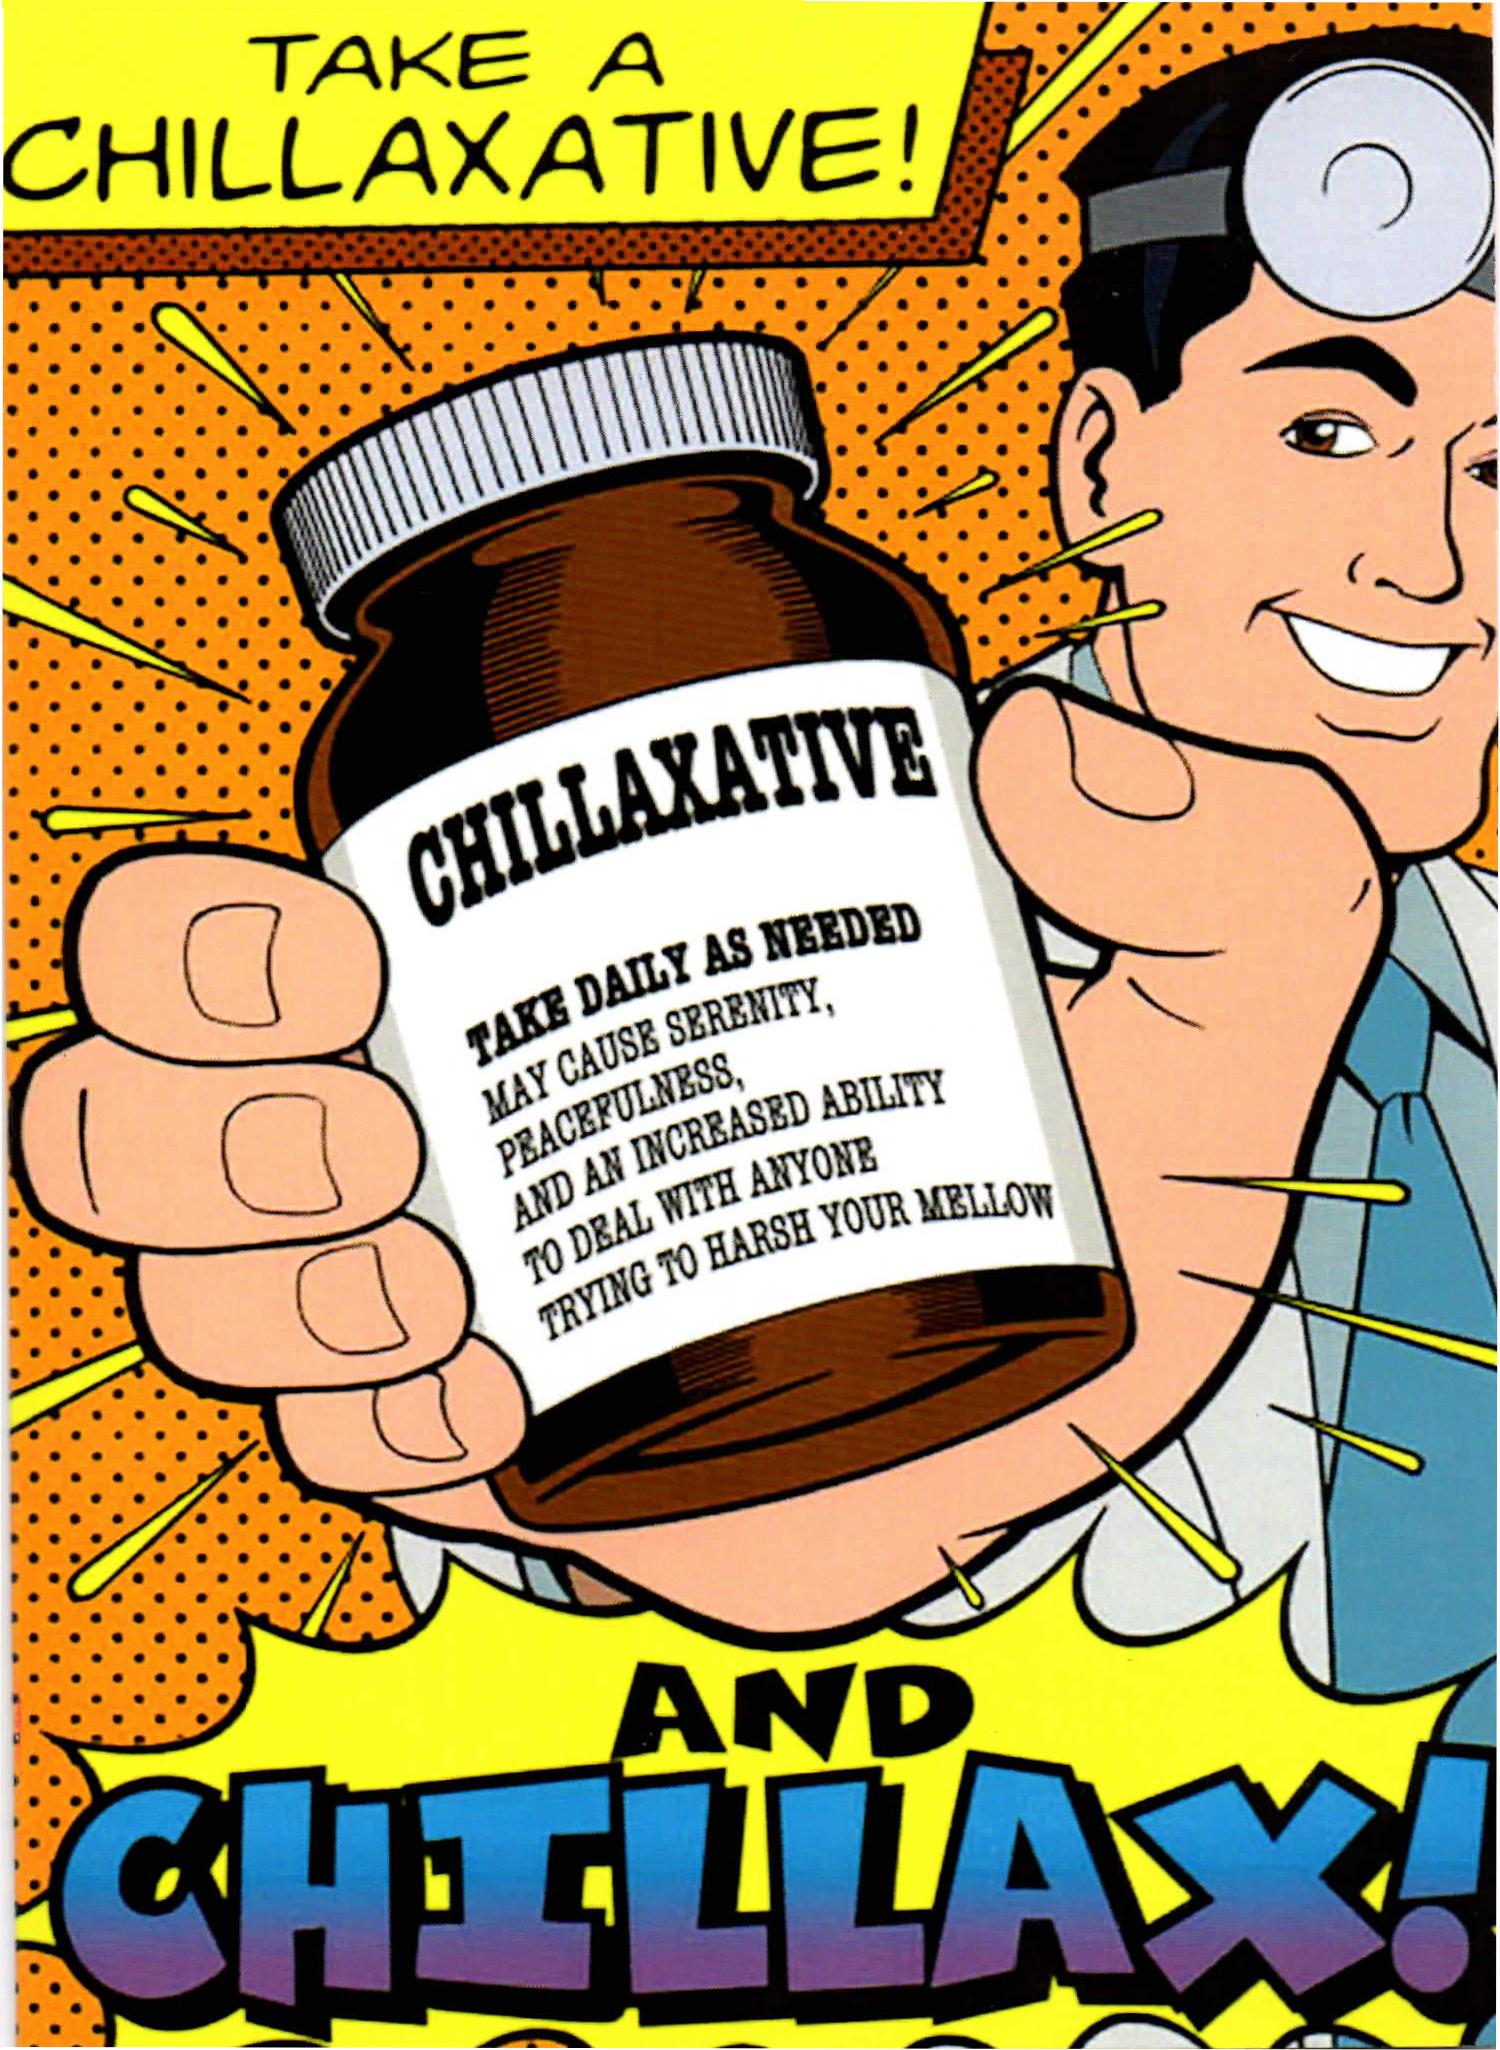 chillaxative-lowrez